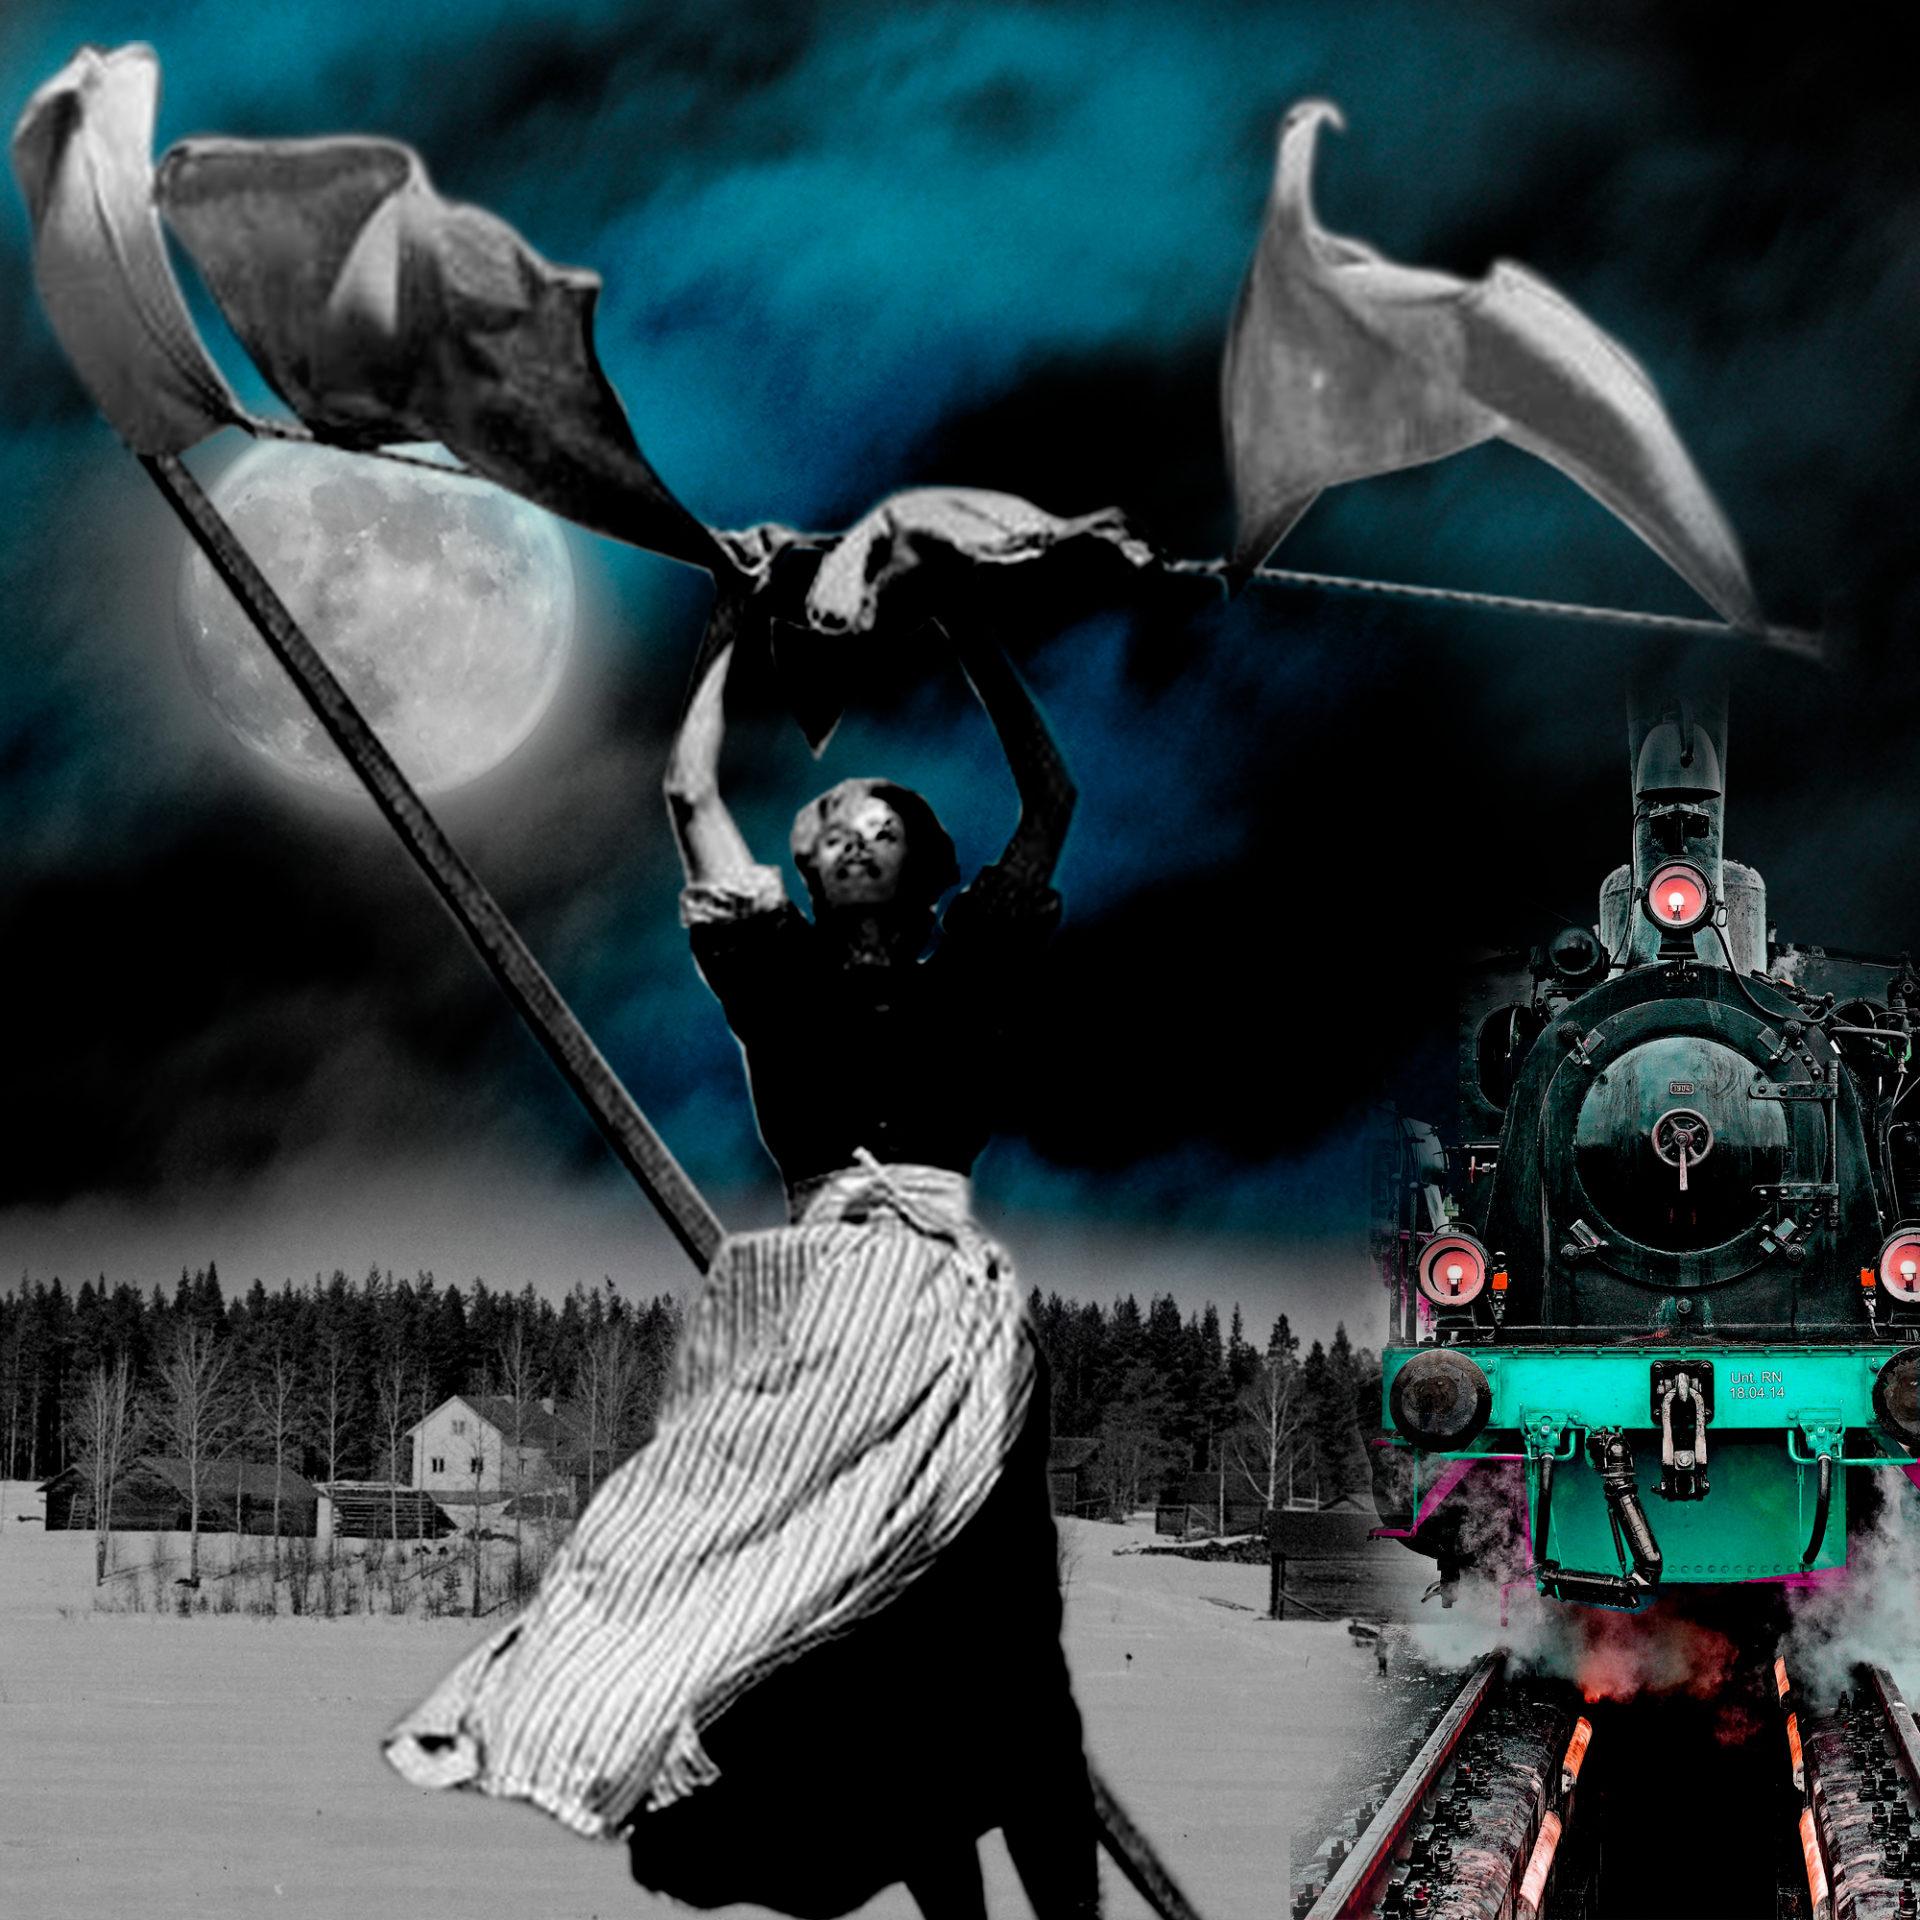 El influjo de la Luna I- Soñando- Collage con paisaje nocturno con luna, una mujer y un tren. Loco Mundo Arte y Bohemia